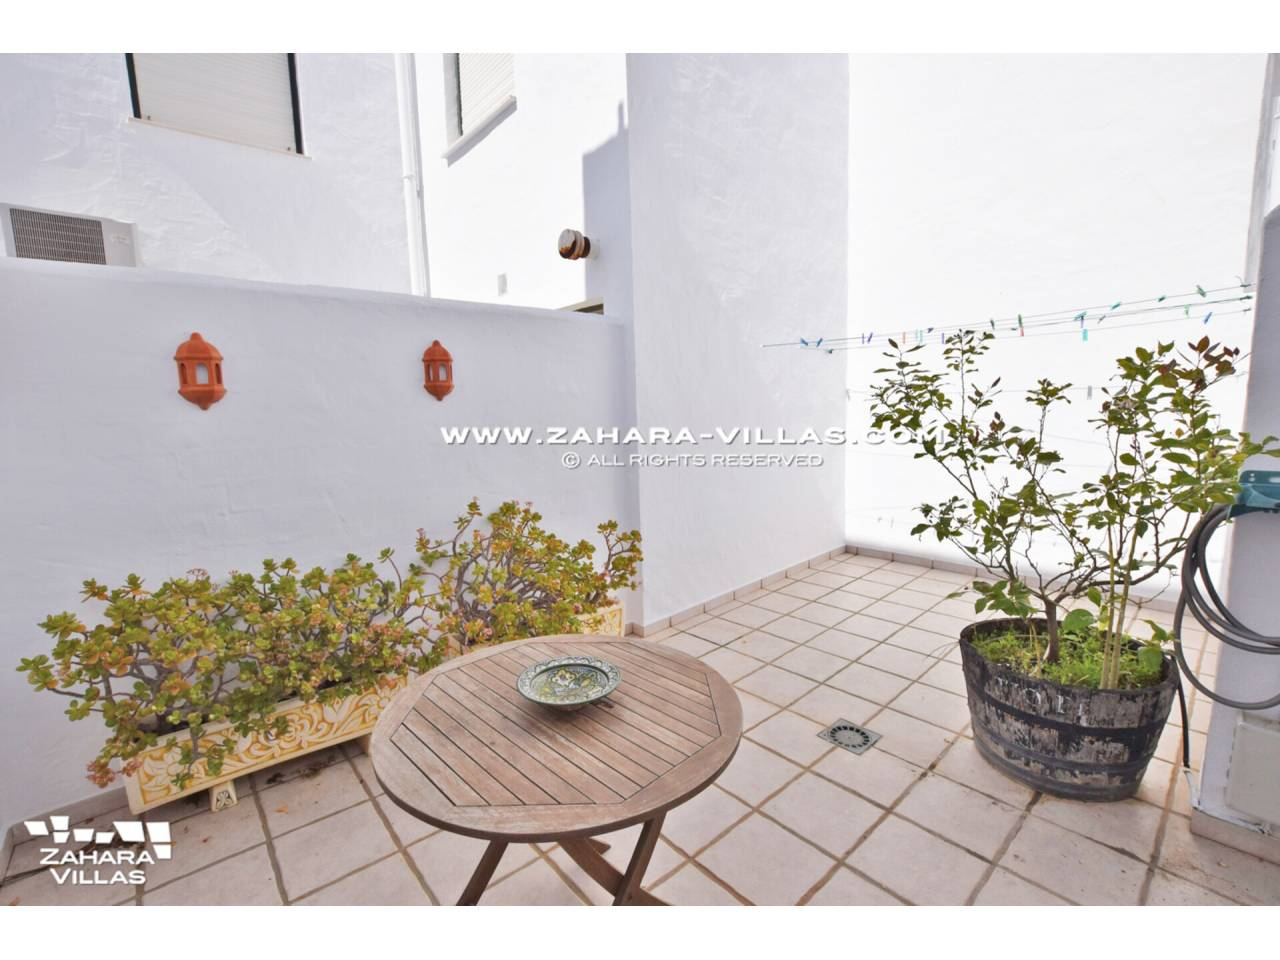 Imagen 38 de Casa Adosada con vistas al mar en venta en Urb. Jardines de Zahara